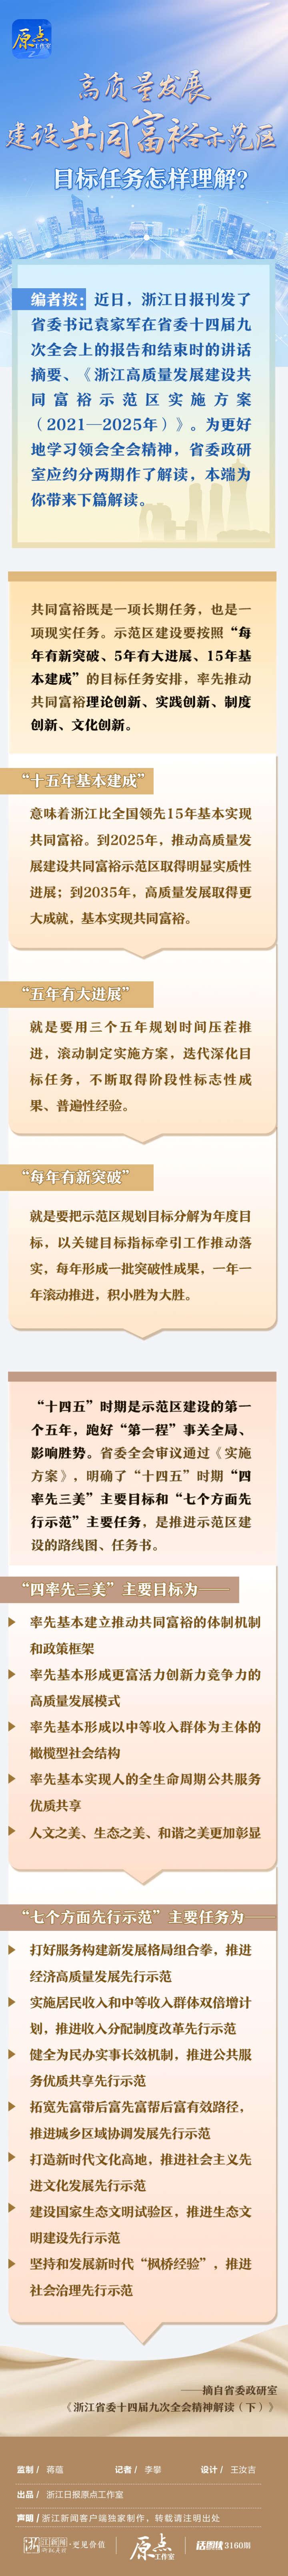 微信葡京赌博平台_20210722092612.jpg